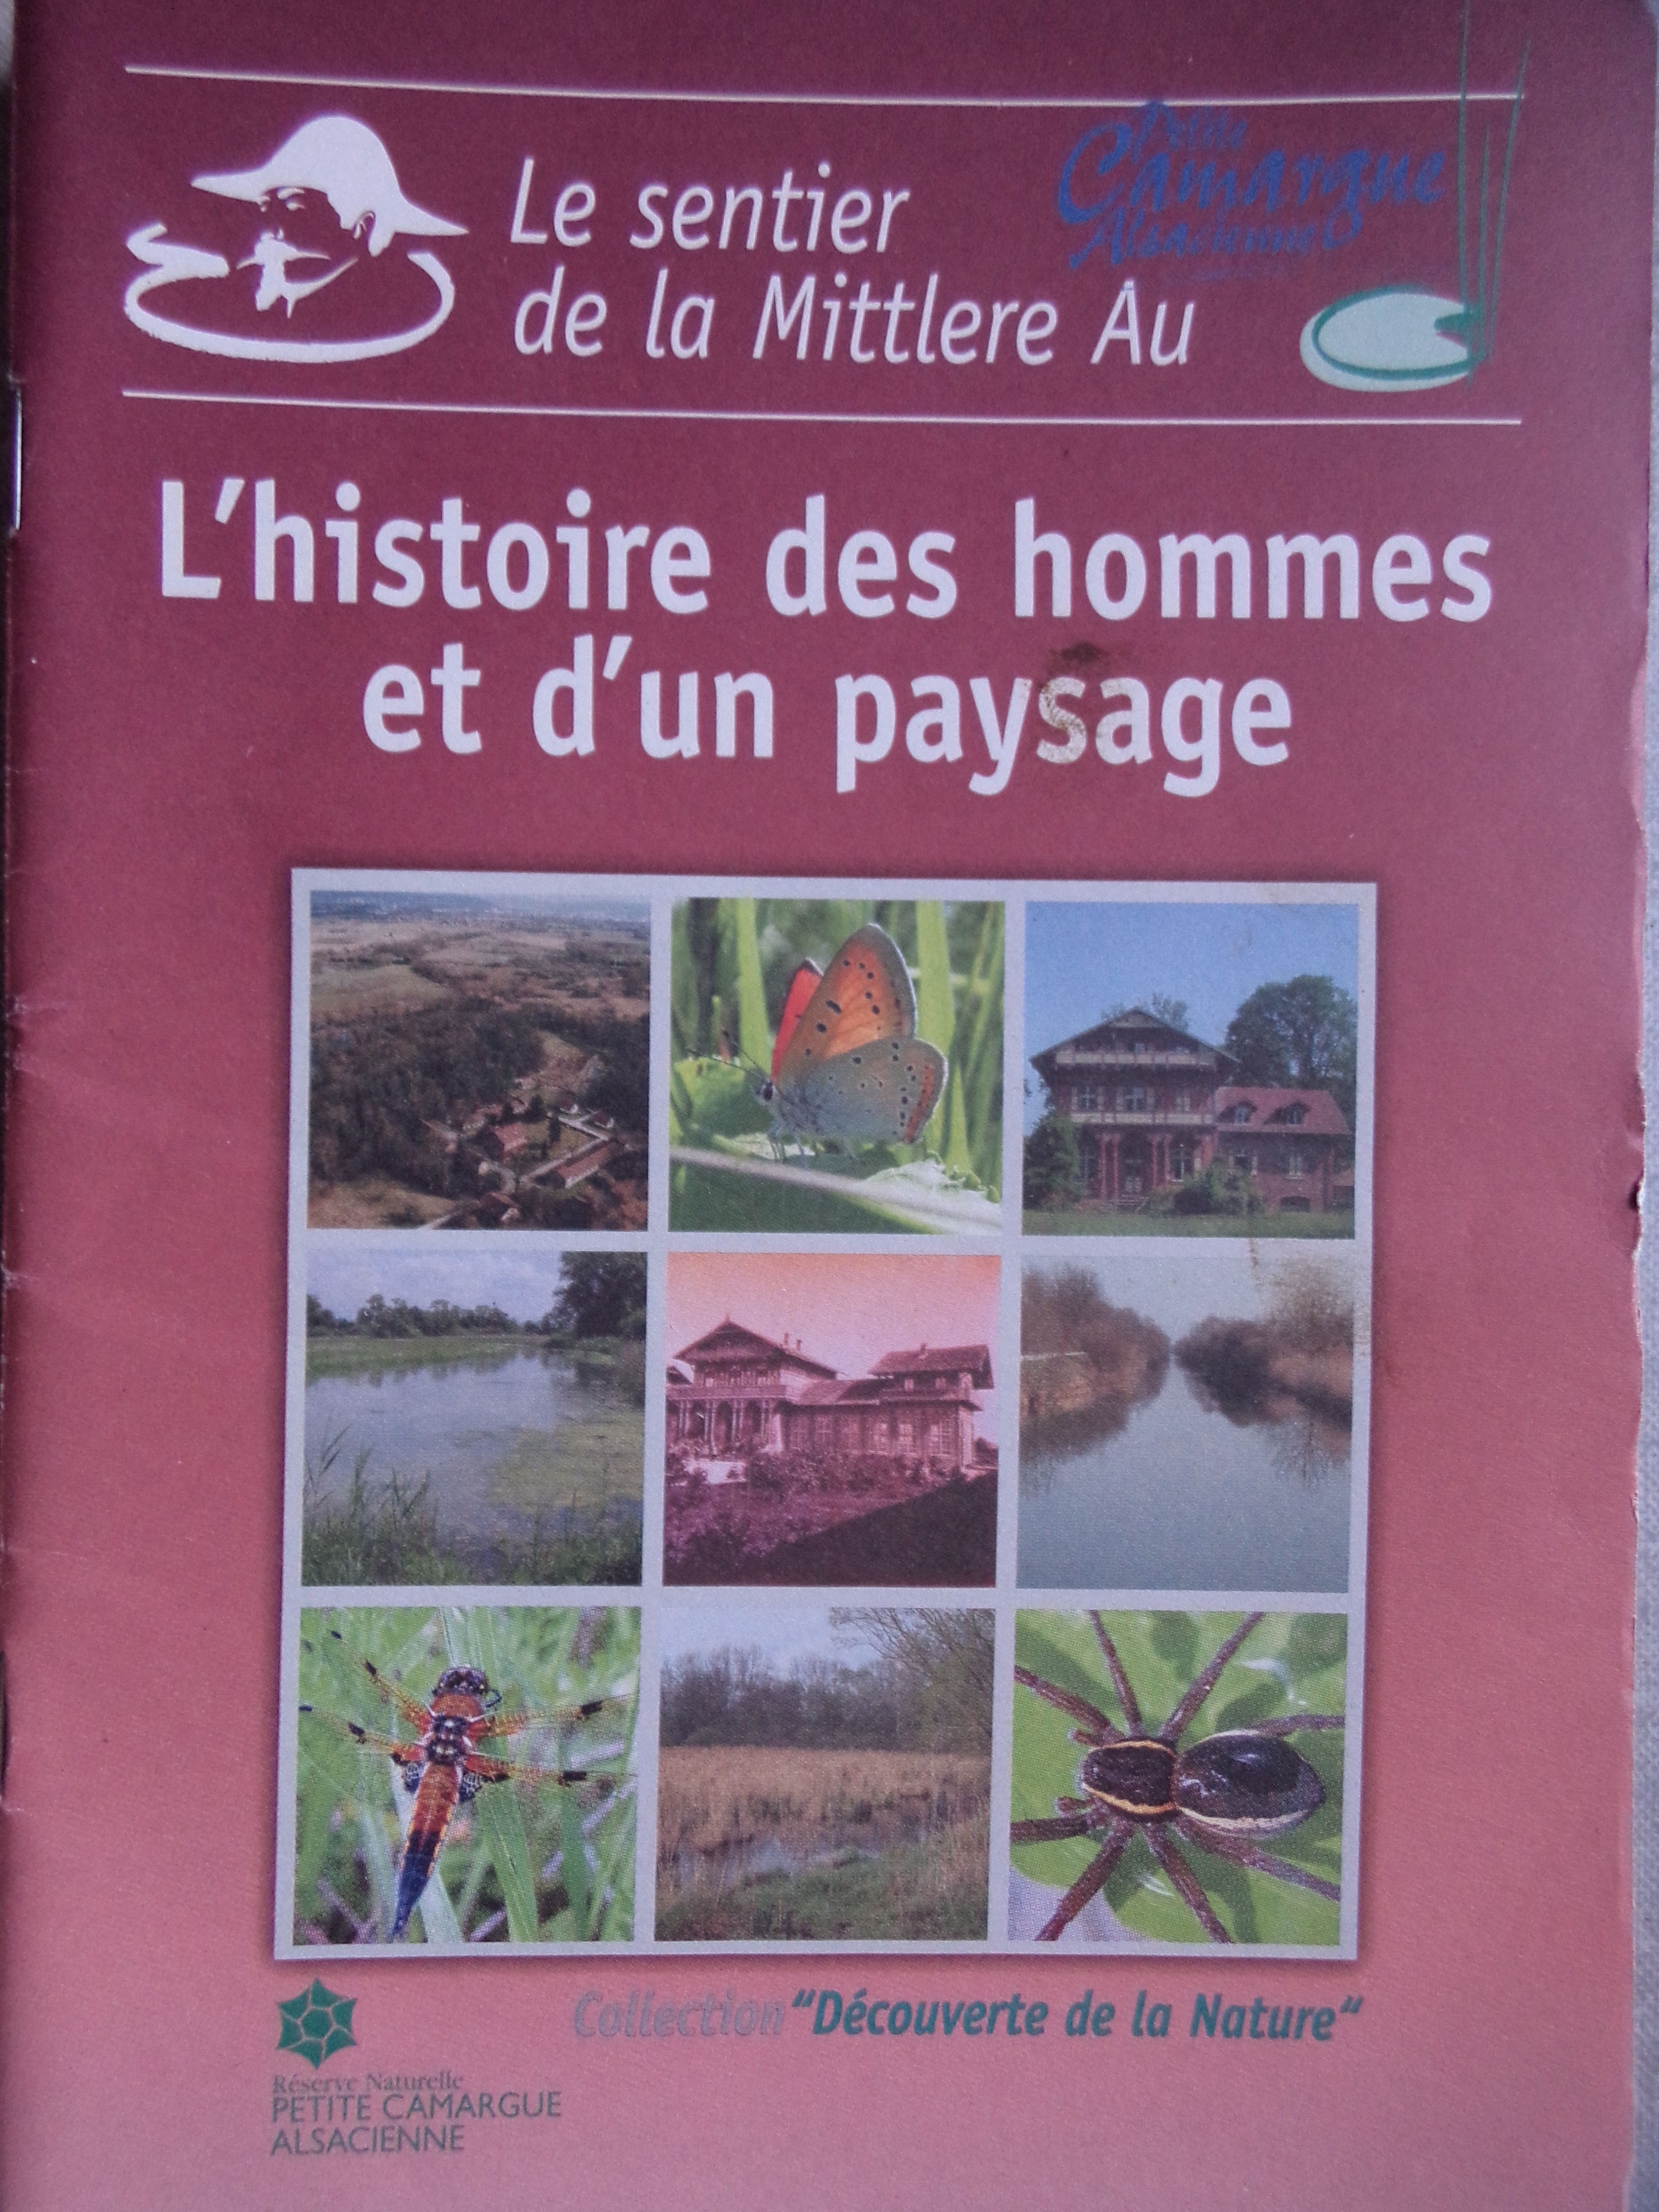 Guide «Sentier de la Mittlere Au» – L'histoire des hommes et d'un paysage